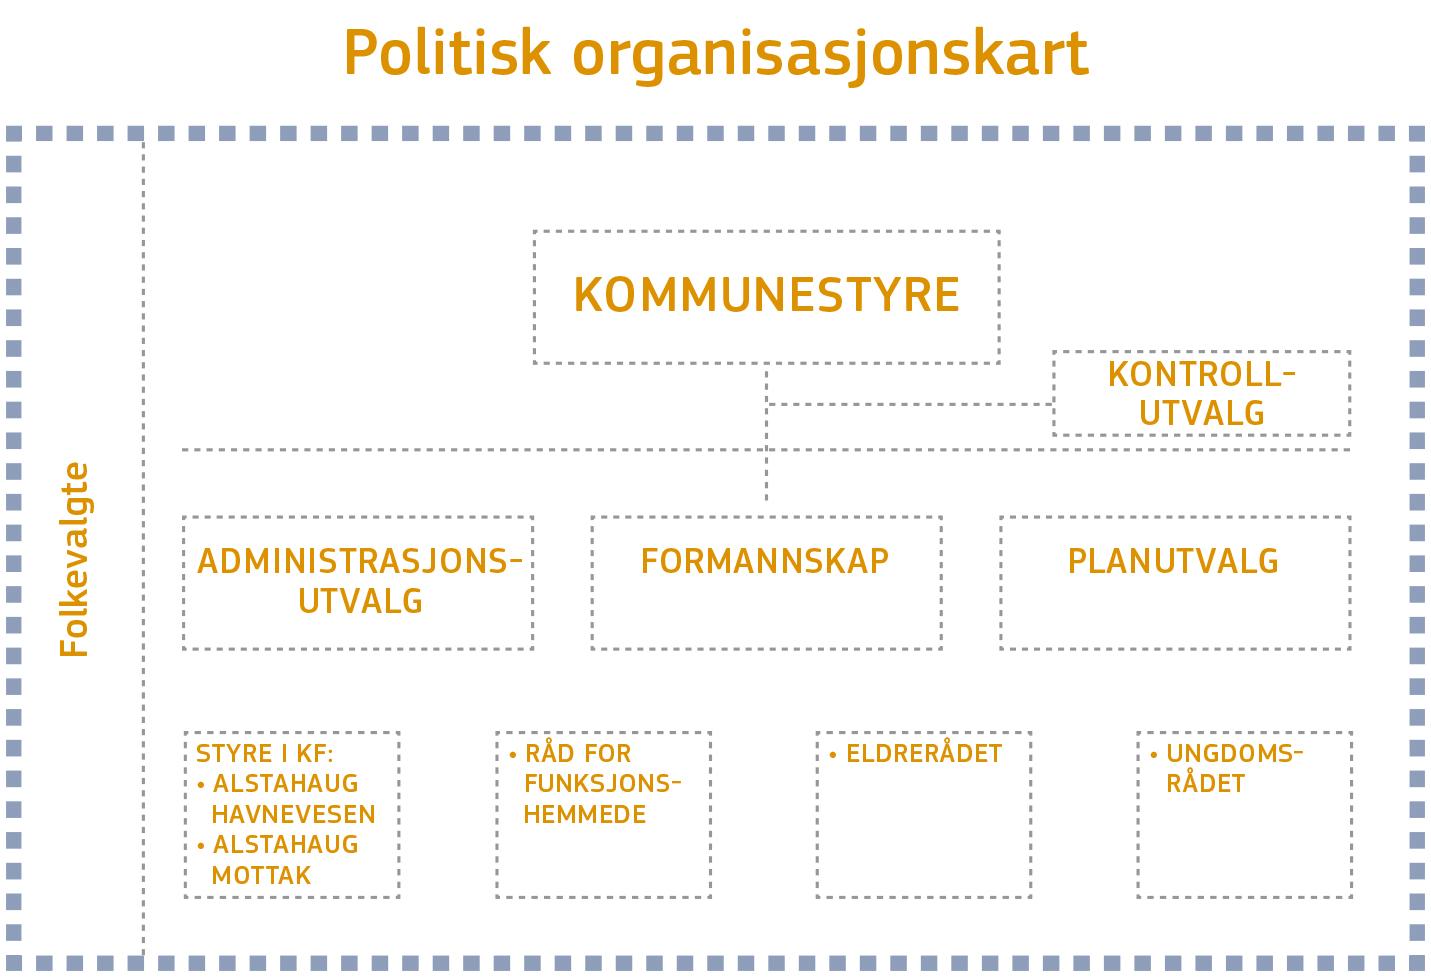 Politisk organisasjonskart.jpg